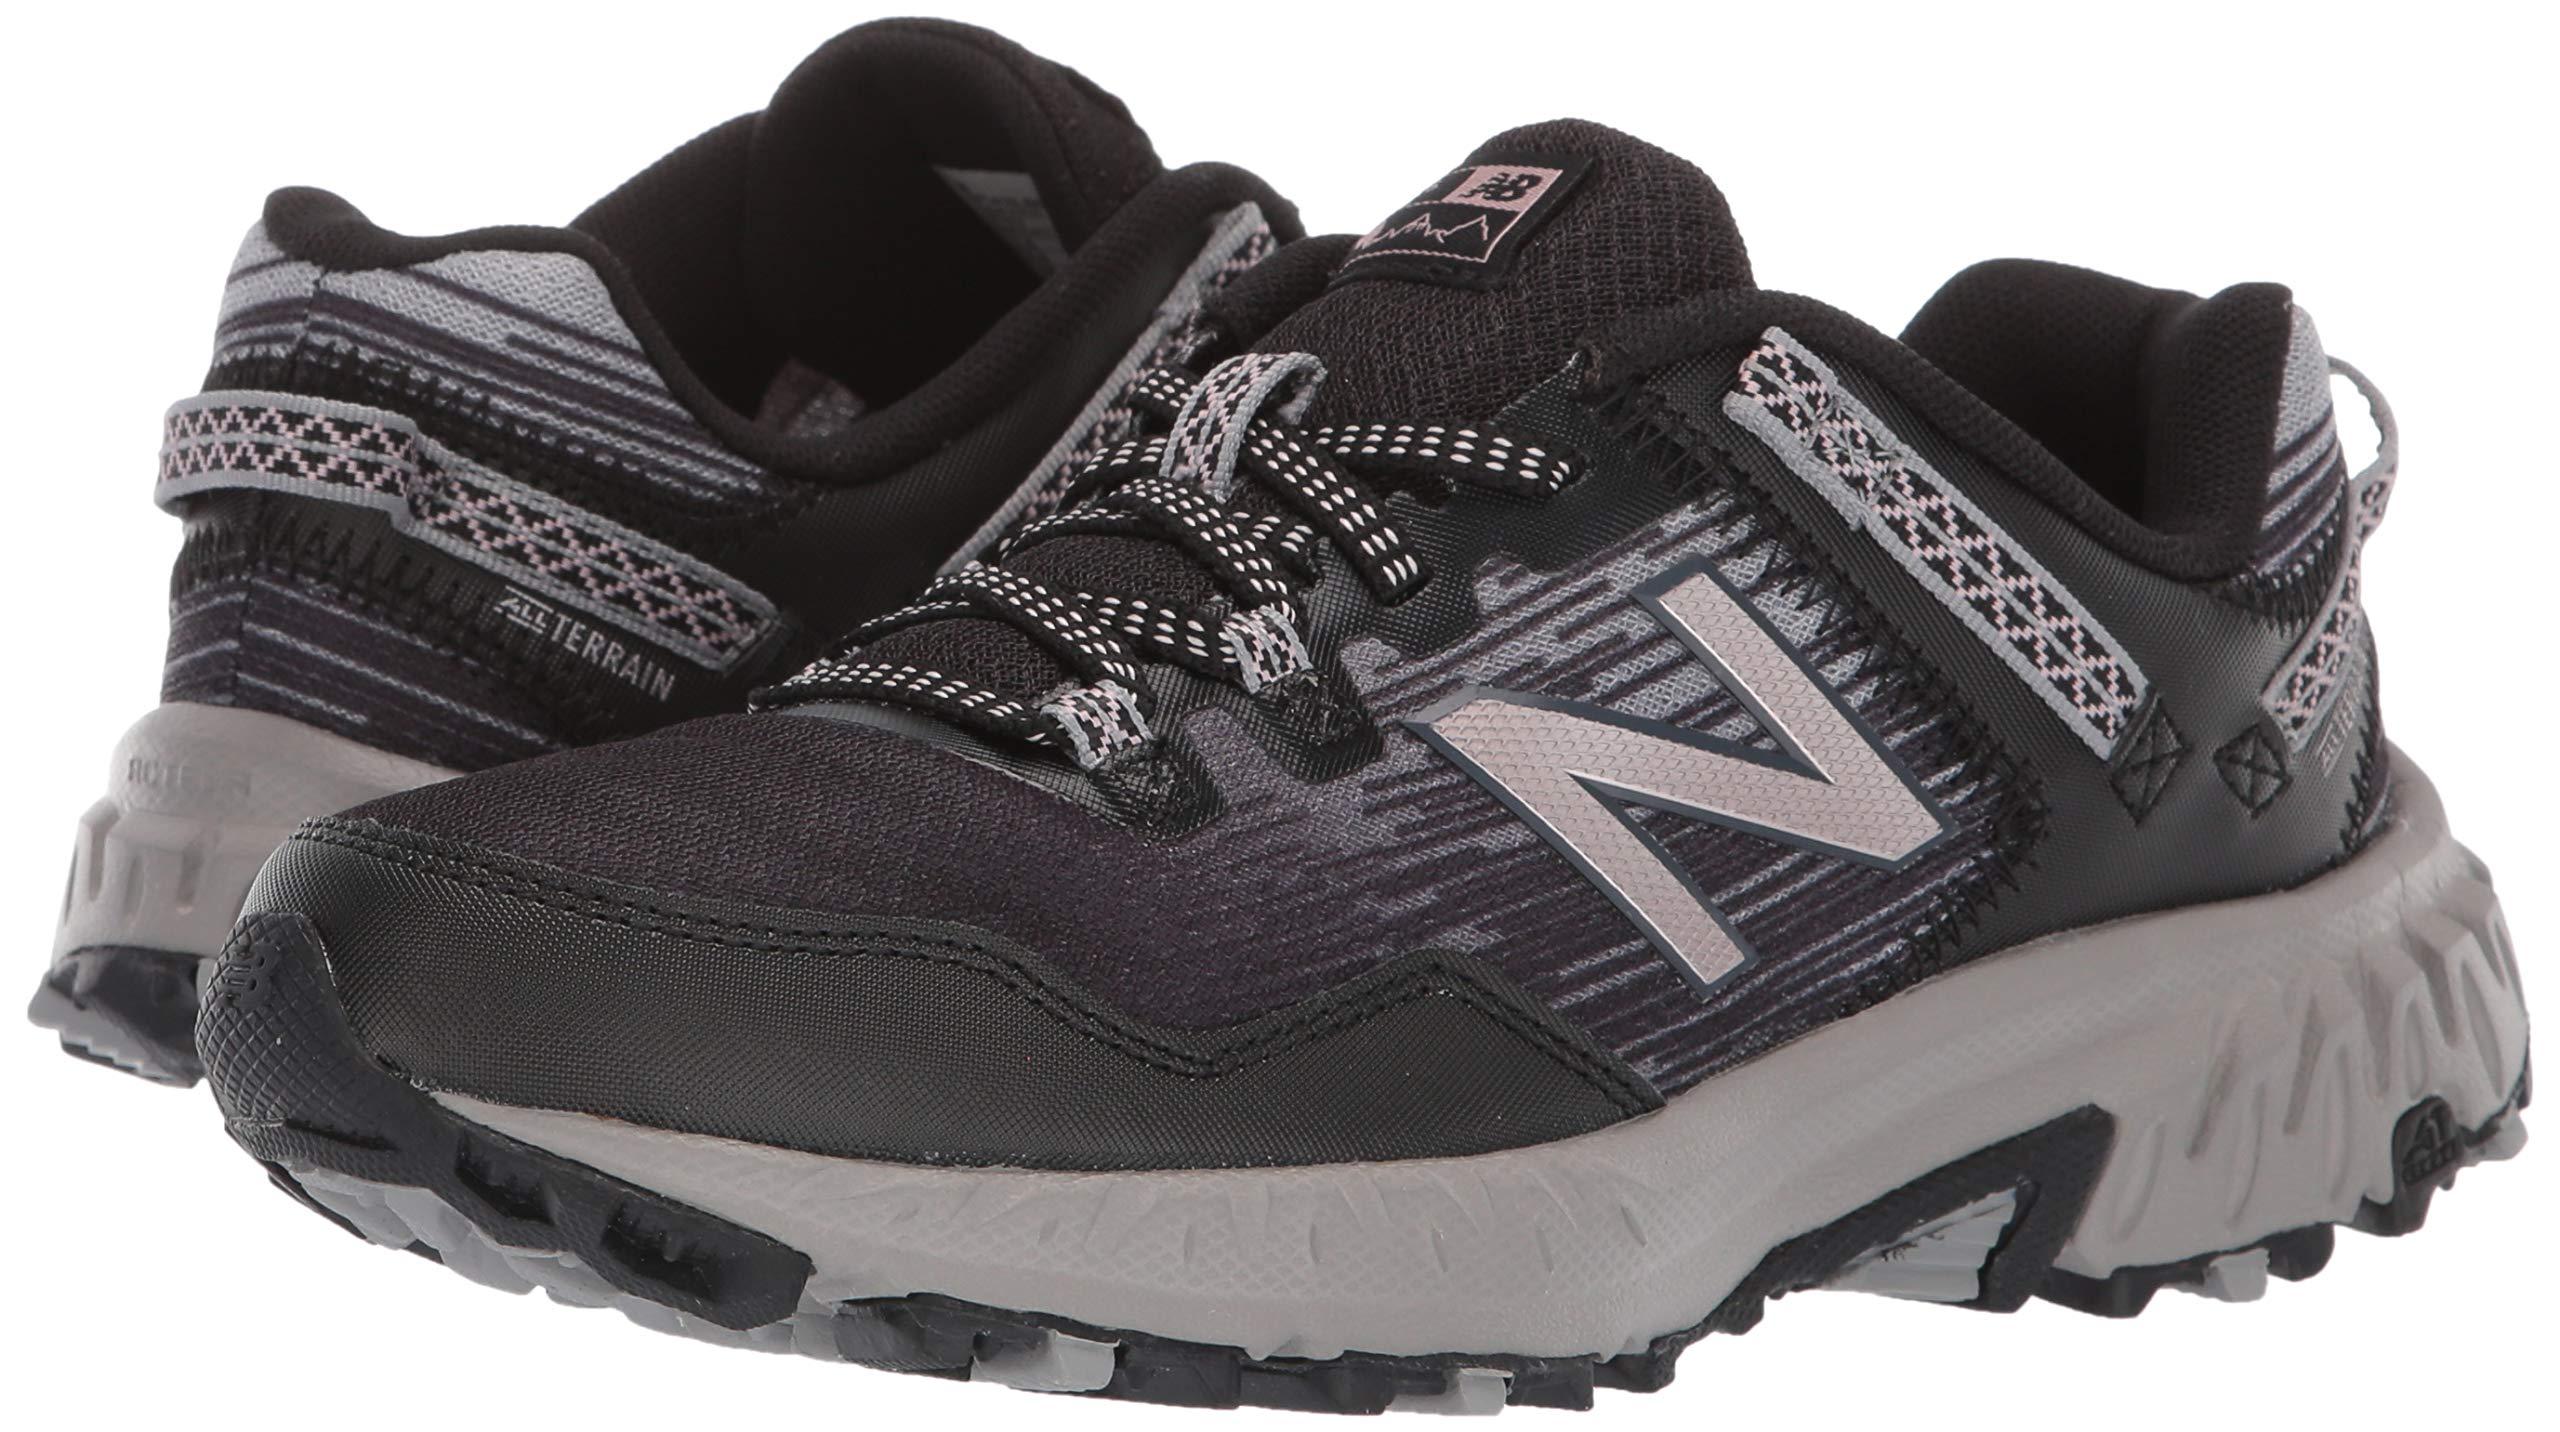 410v6 trail running shoe